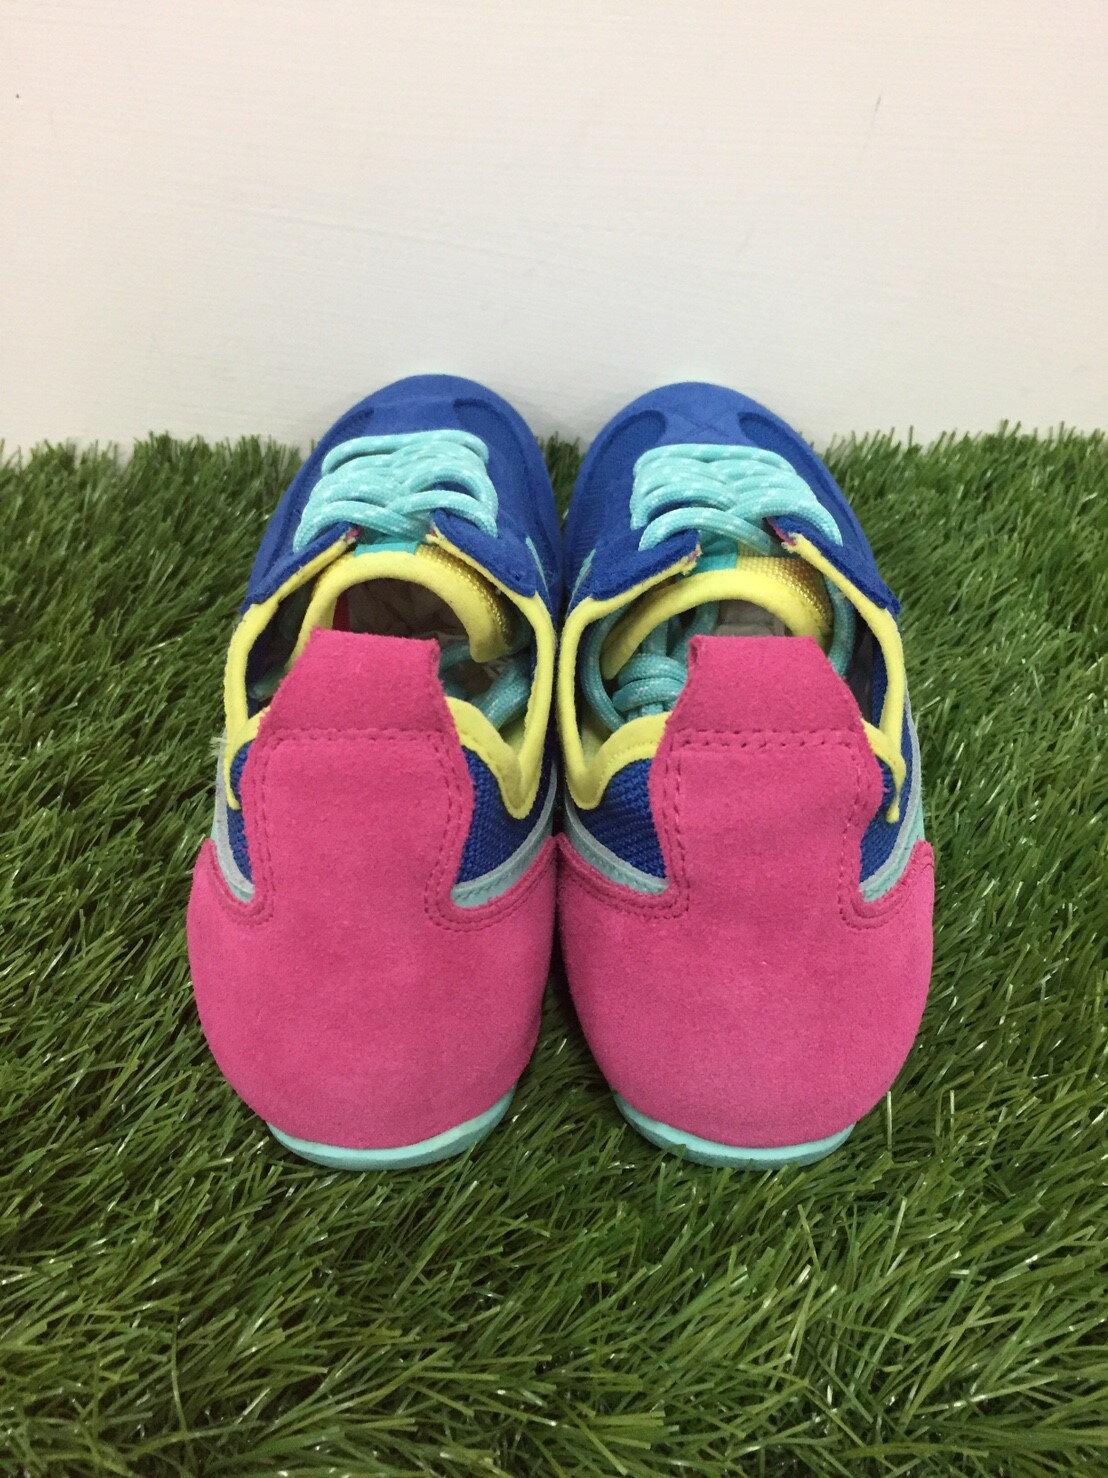 ★限時特價990元★ Shoestw【53W1MY63BL】PONY 復古慢跑鞋 寶藍水藍粉色 女生 2